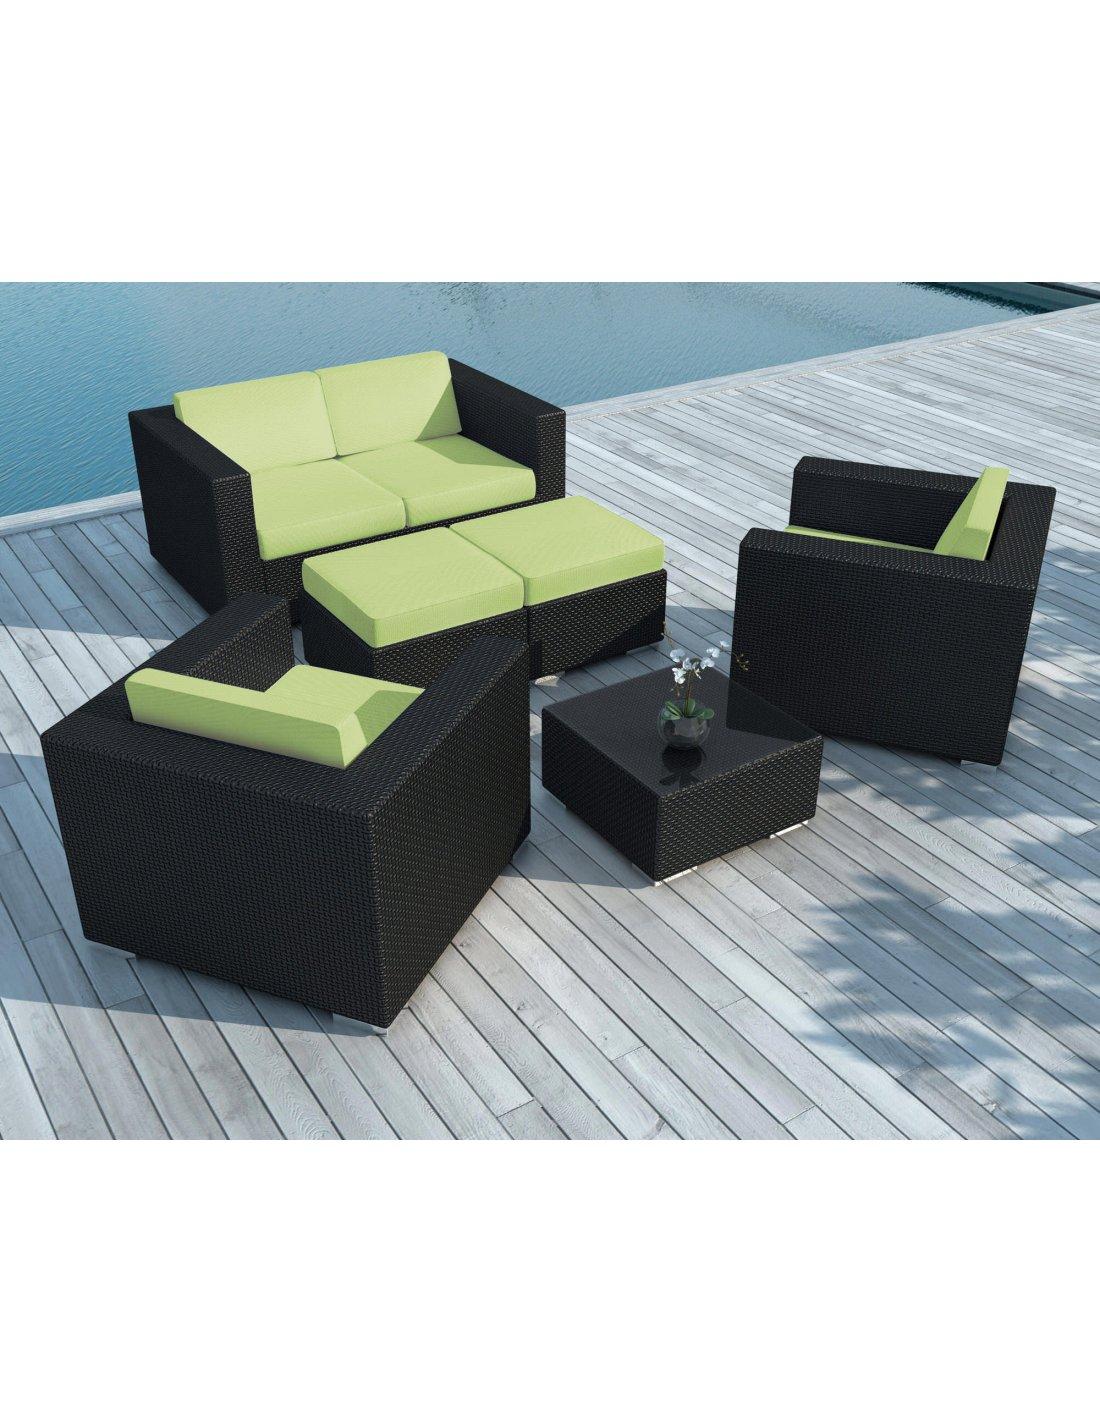 Sd9505 Vert - (Sd9505 Black/White + Housse Vert) - Salon De Jardin ...